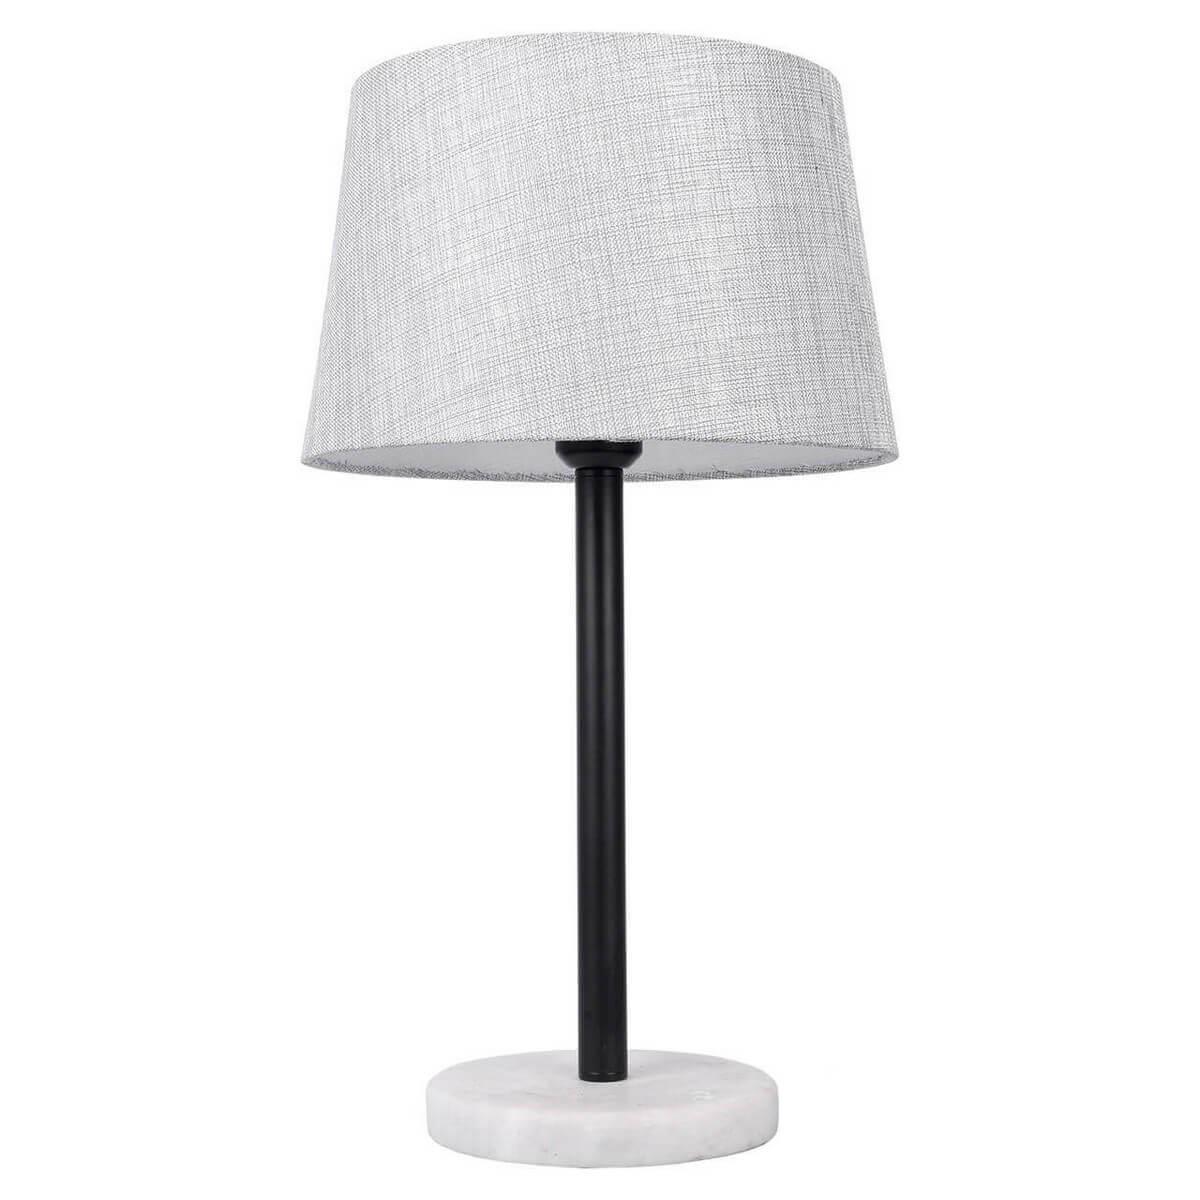 Настольная лампа Lussole GRLSP-9546 LSP-954 настольная лампа декоративная lgo lsp 9546